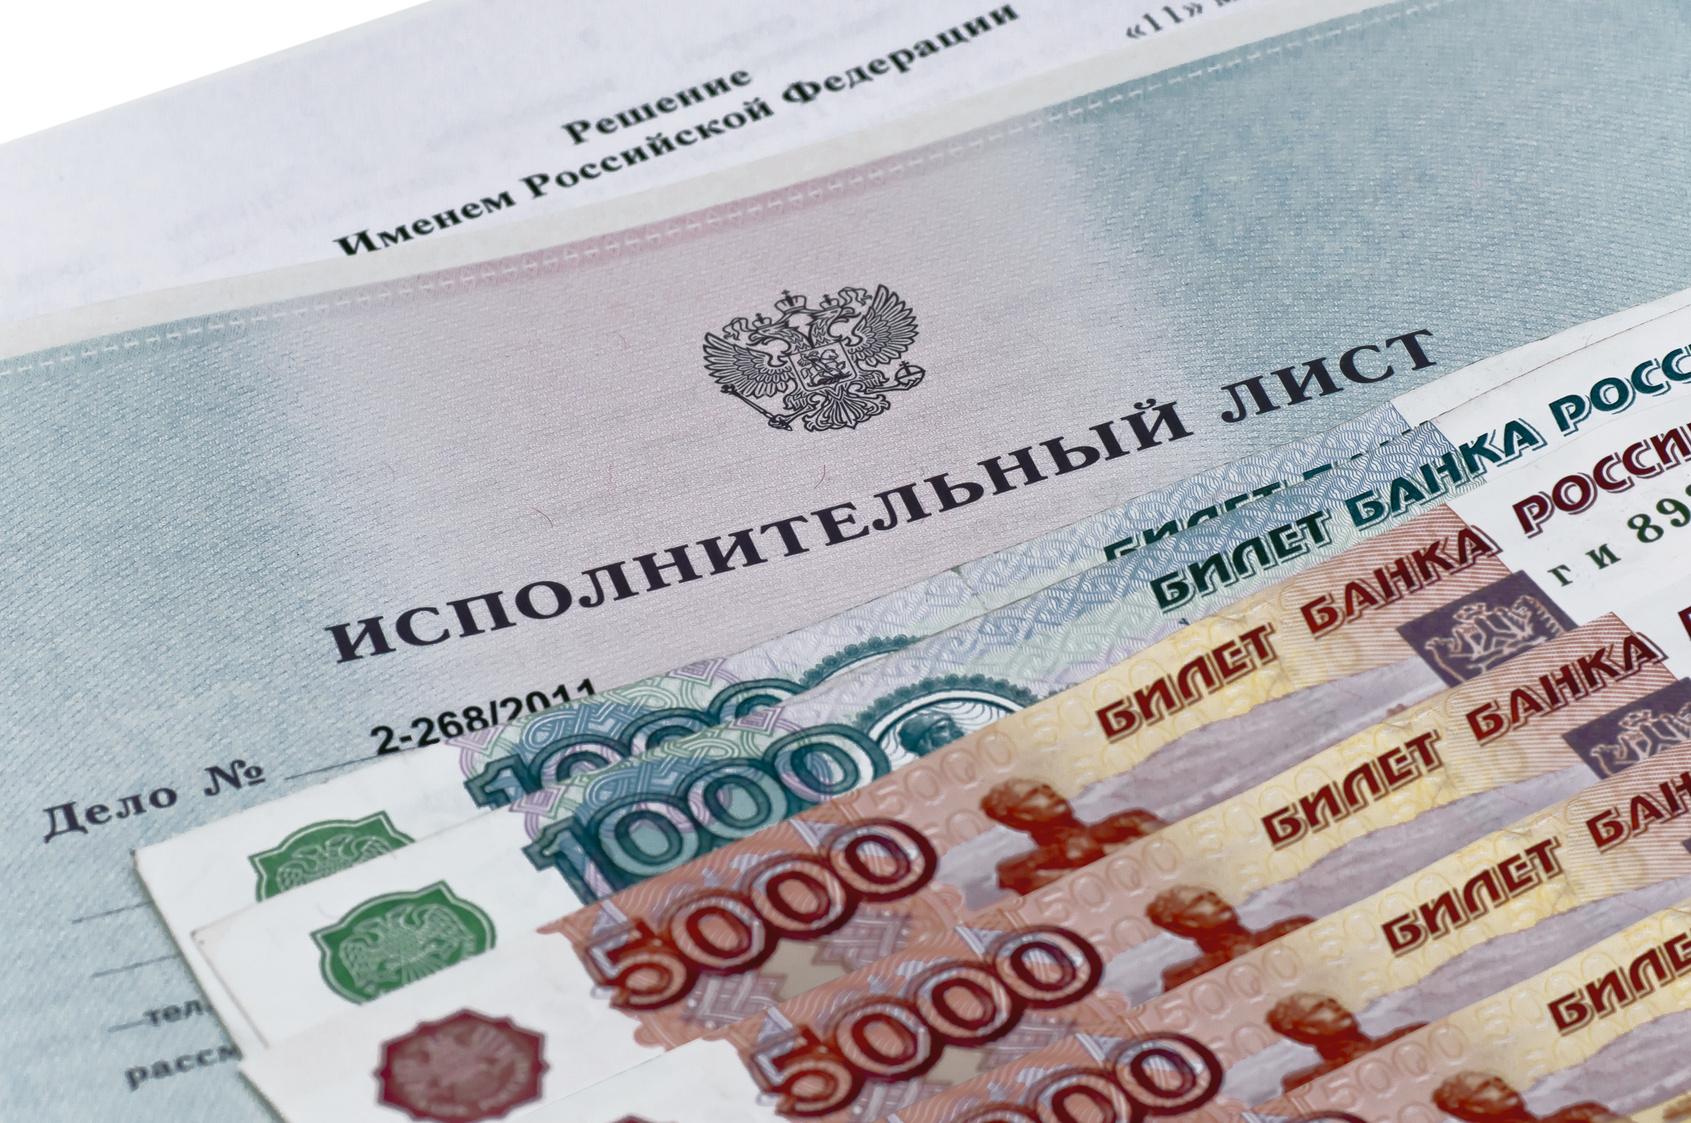 Задолженность по исполнительным листам физических лиц приставы без предупреждения арестовали счета